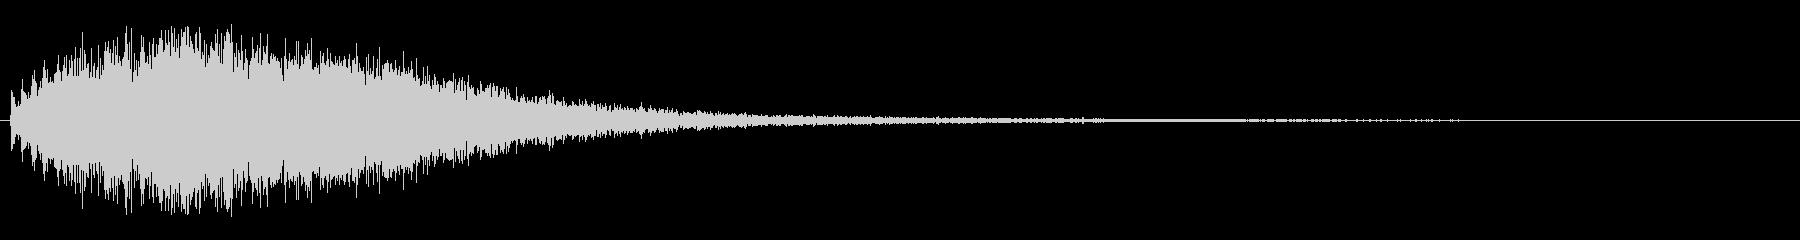 キラーン(ツリーチャイムのような音)の未再生の波形